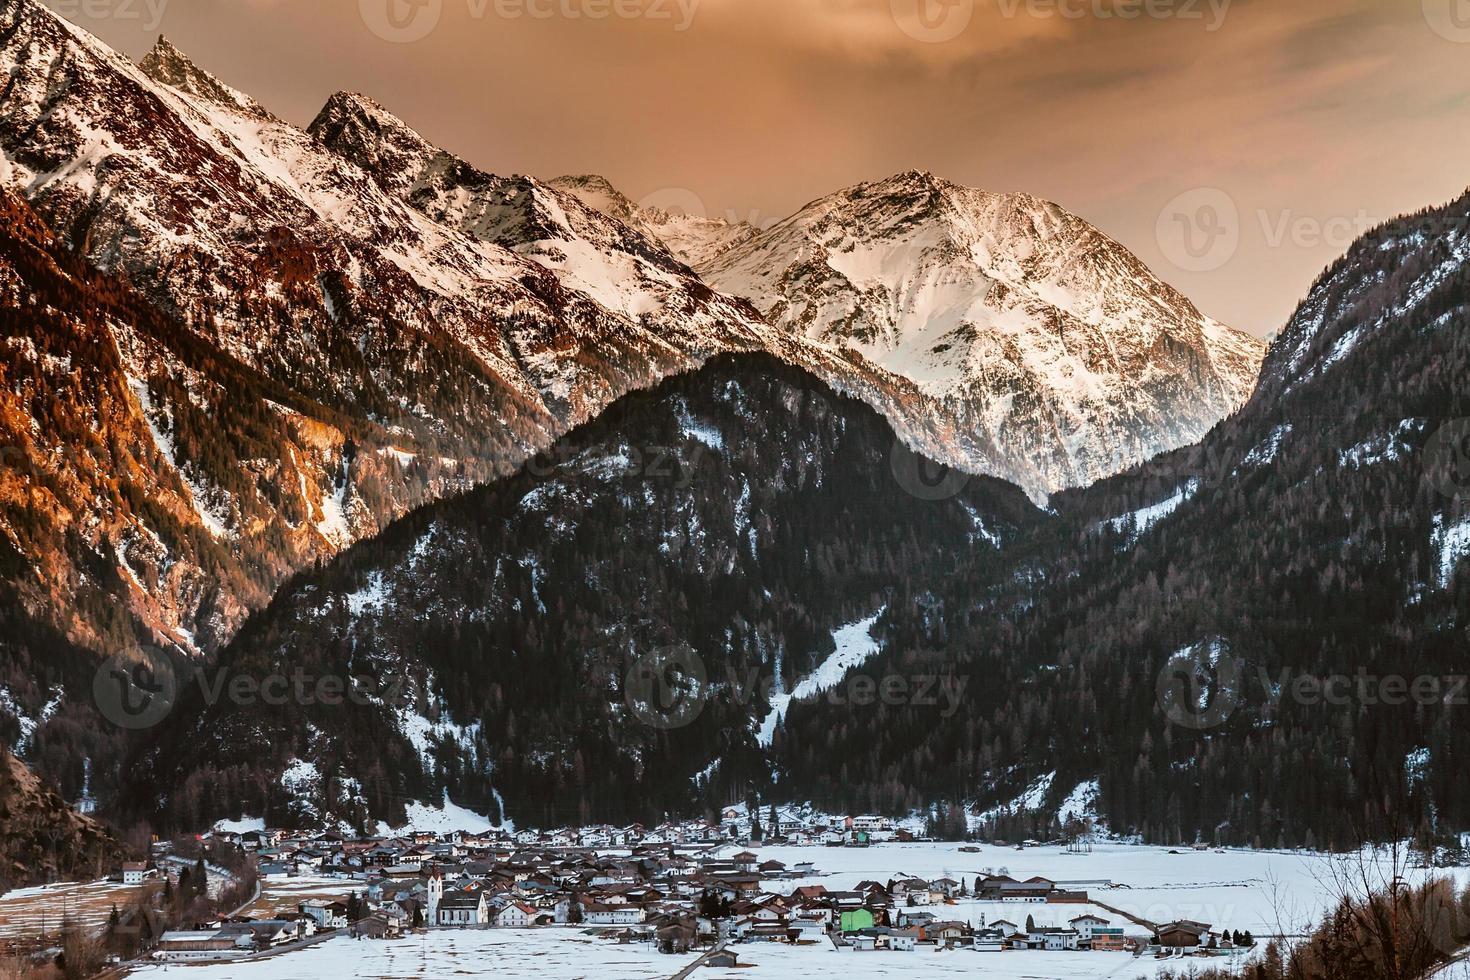 inverno neve vale da montanha alpes austríacos foto